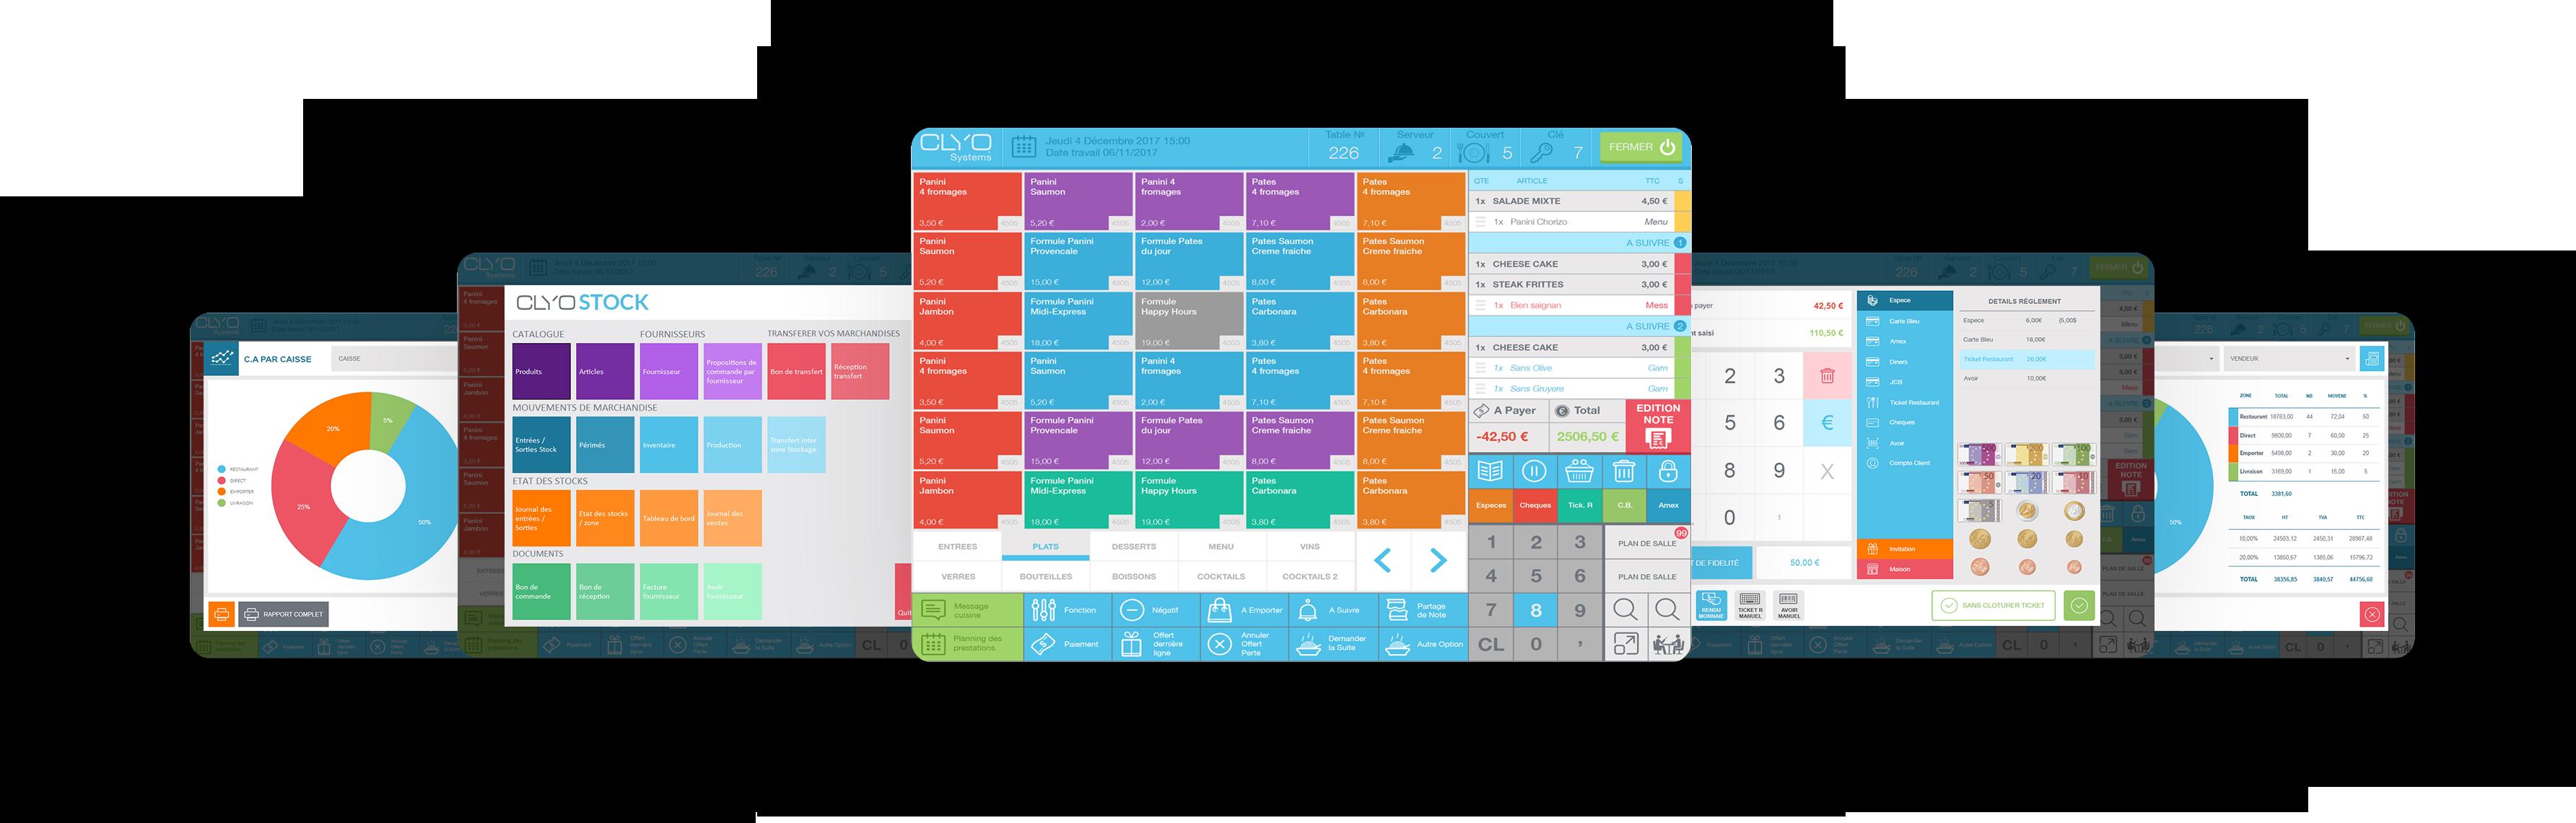 Visuels de différentes fonctions d'un logiciel de caisse Clyo Systems